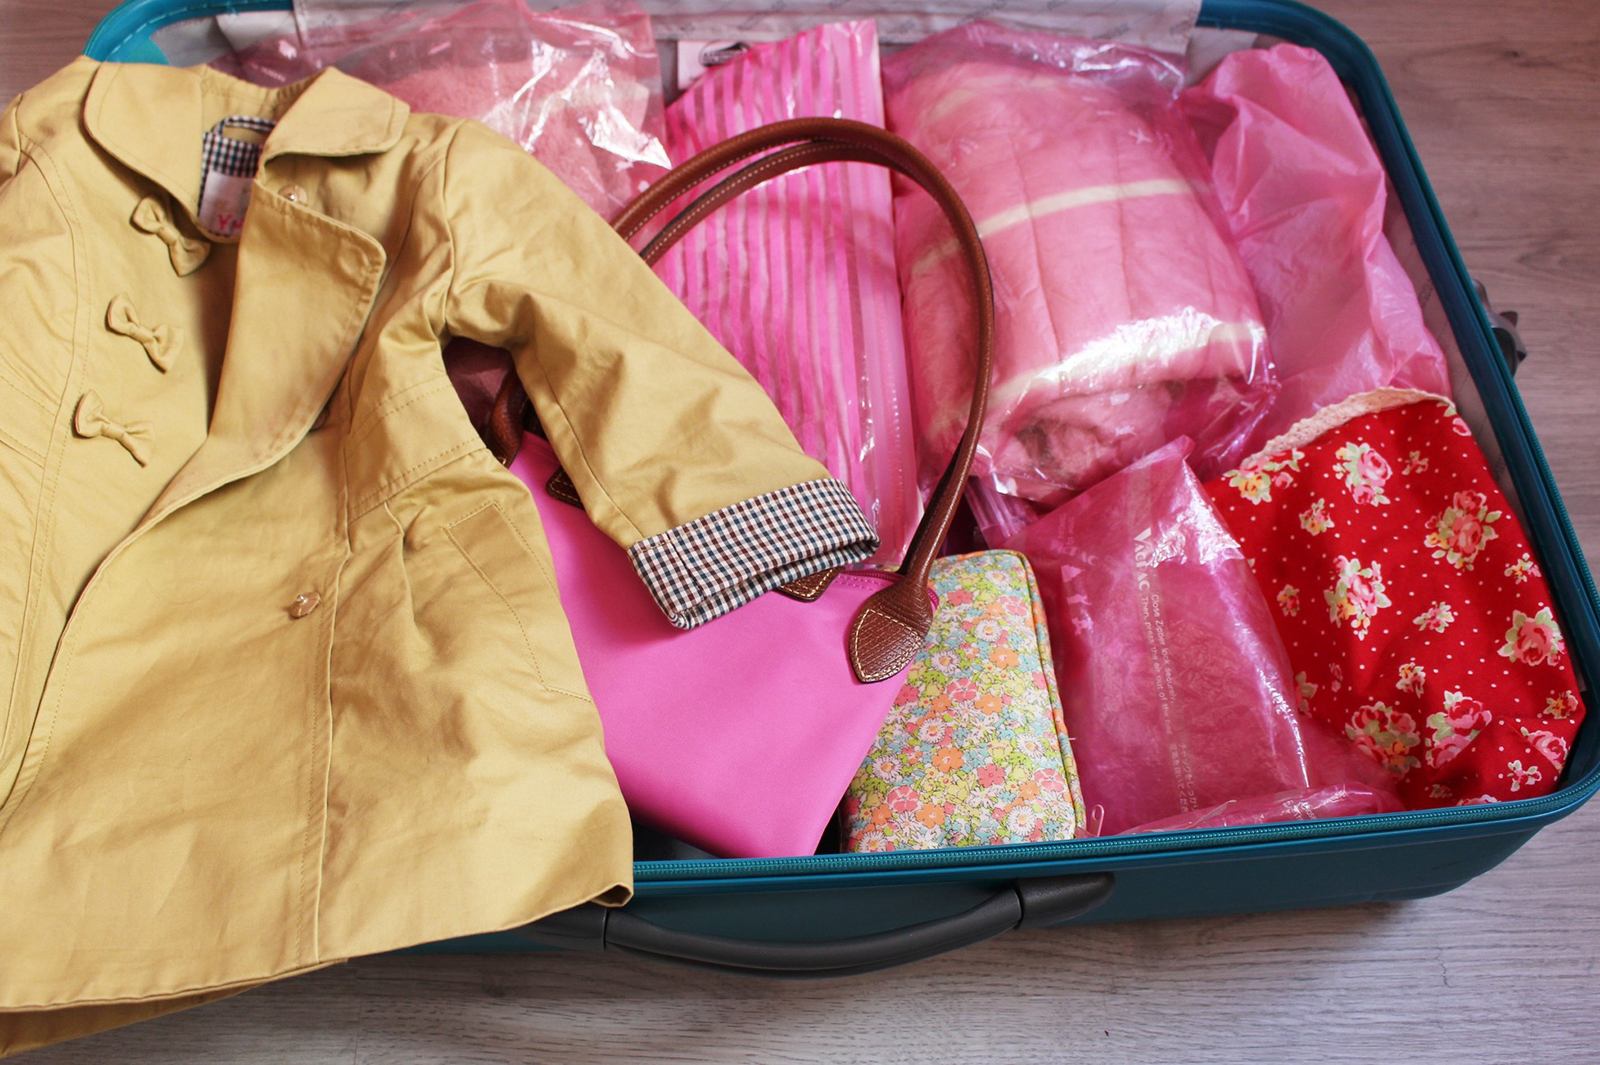 荷物を減らすパッキングのコツ(提供写真)